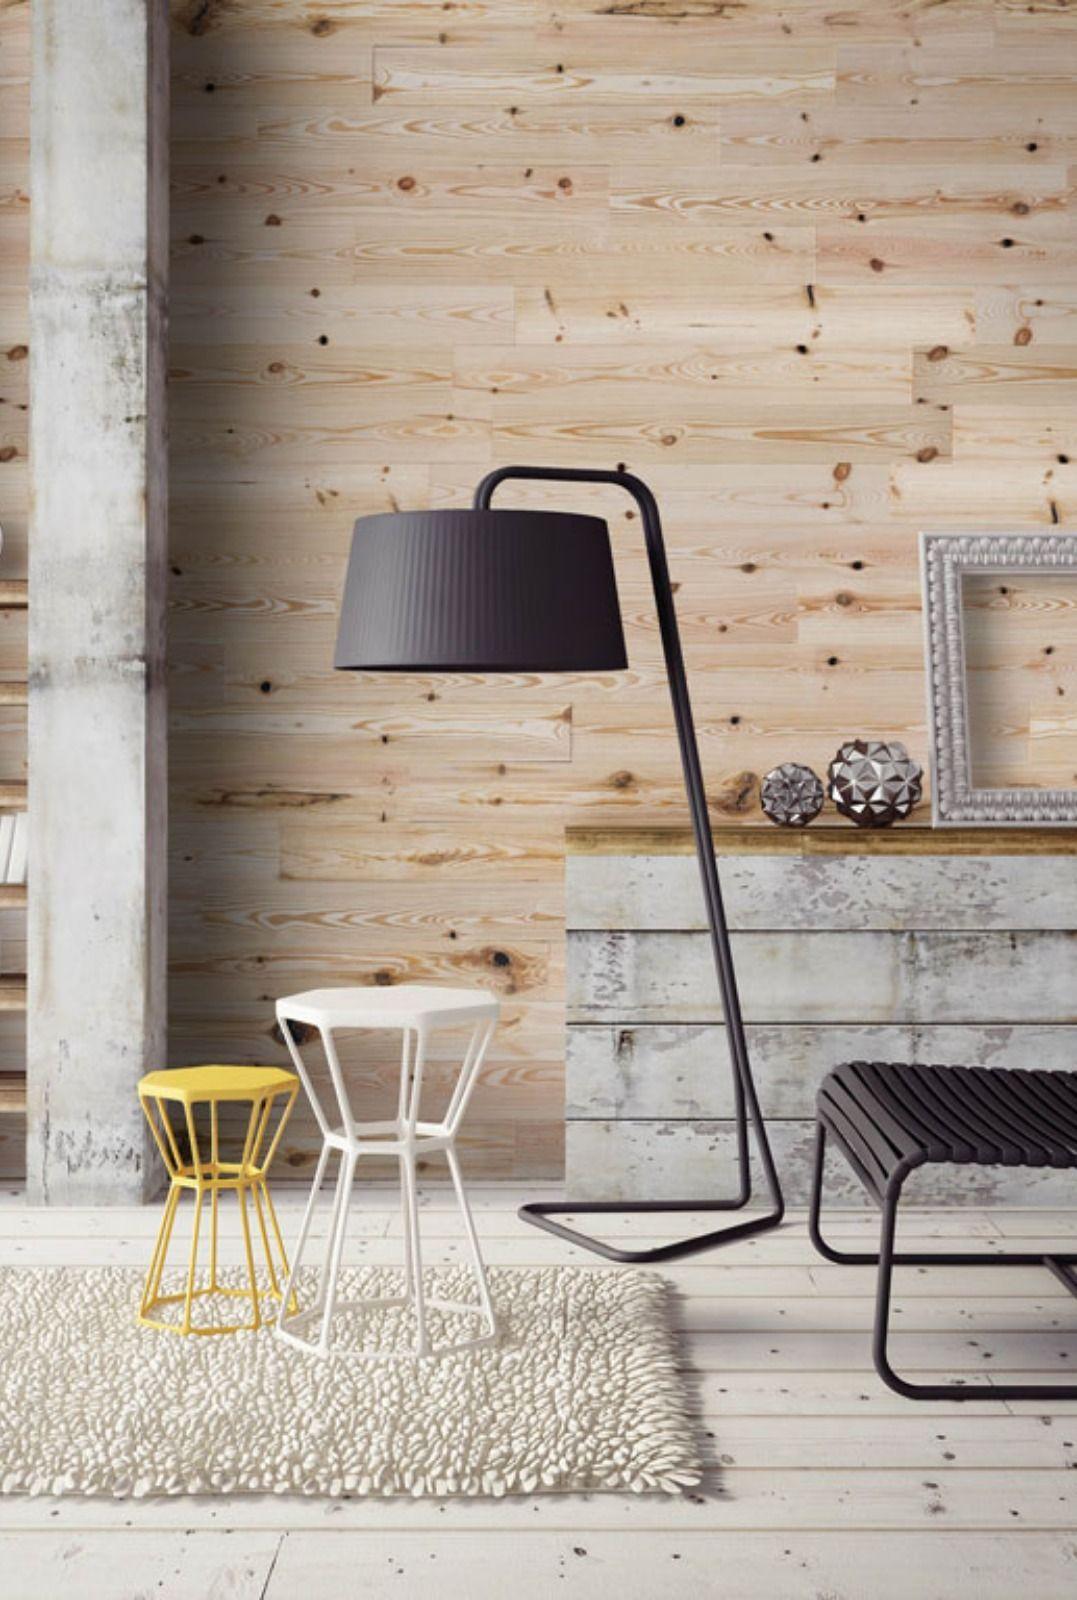 Pin Von Berit Petersen Auf Flur In 2020 Wandpaneele Holzpaneele Haus Stile